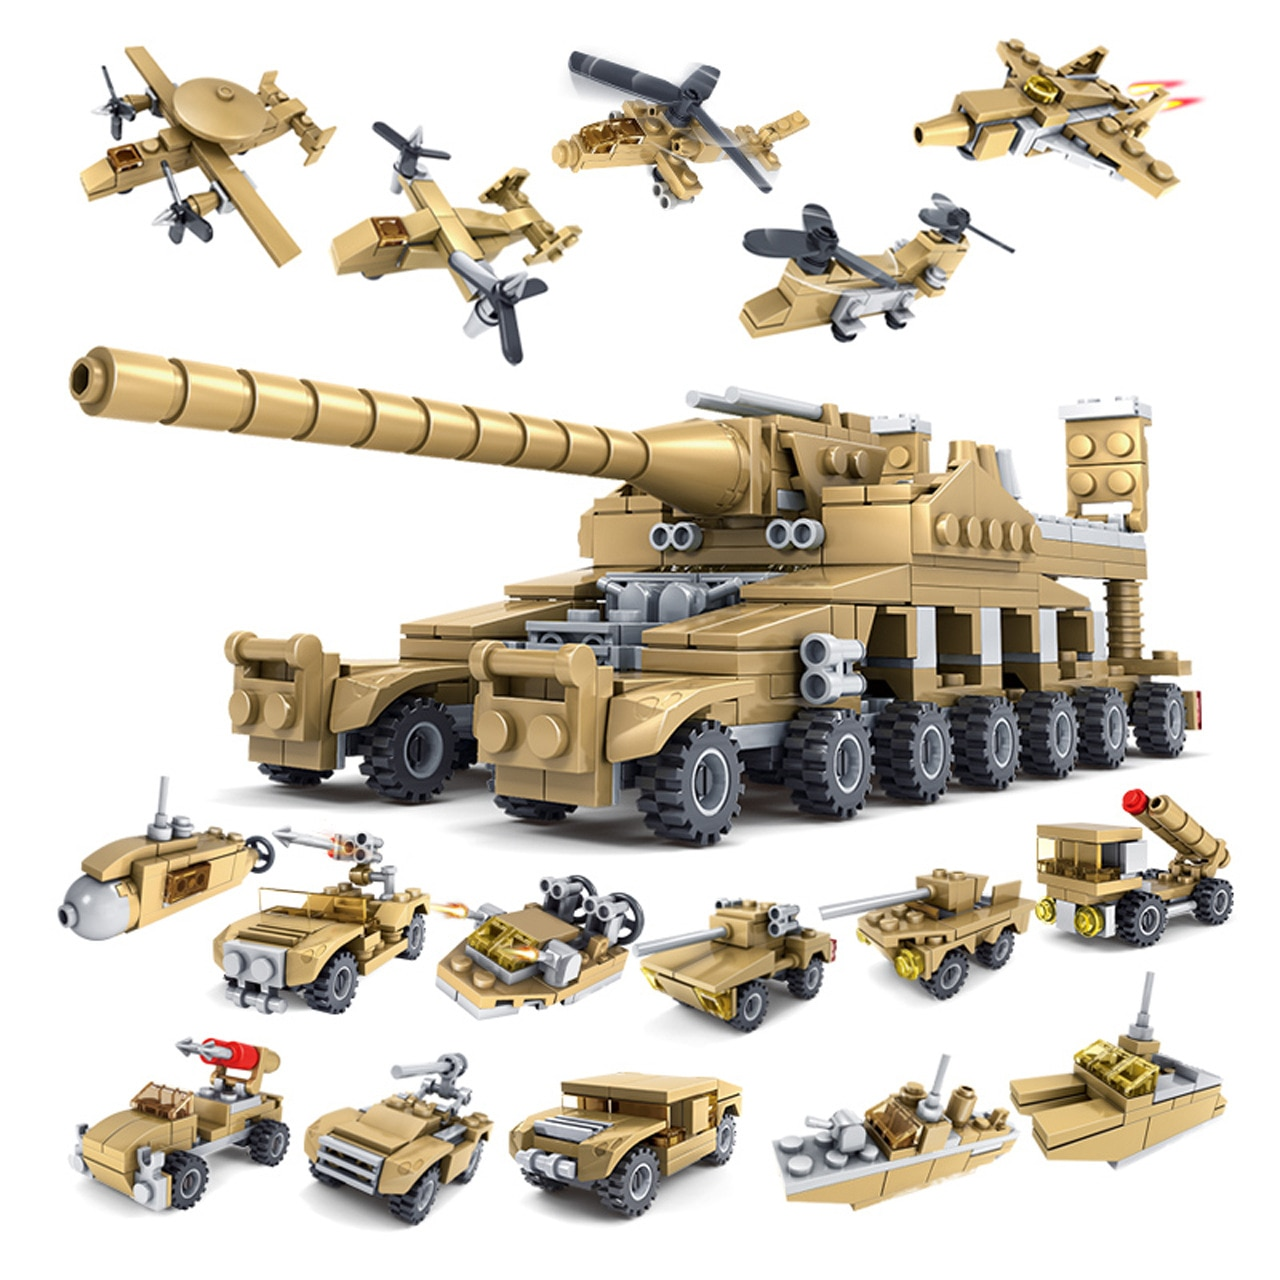 Modelo K Compatible con K84031 544 Uds. Modelos de Tanques militares bloques de construcción juguetes de Hobby para niños y niñas